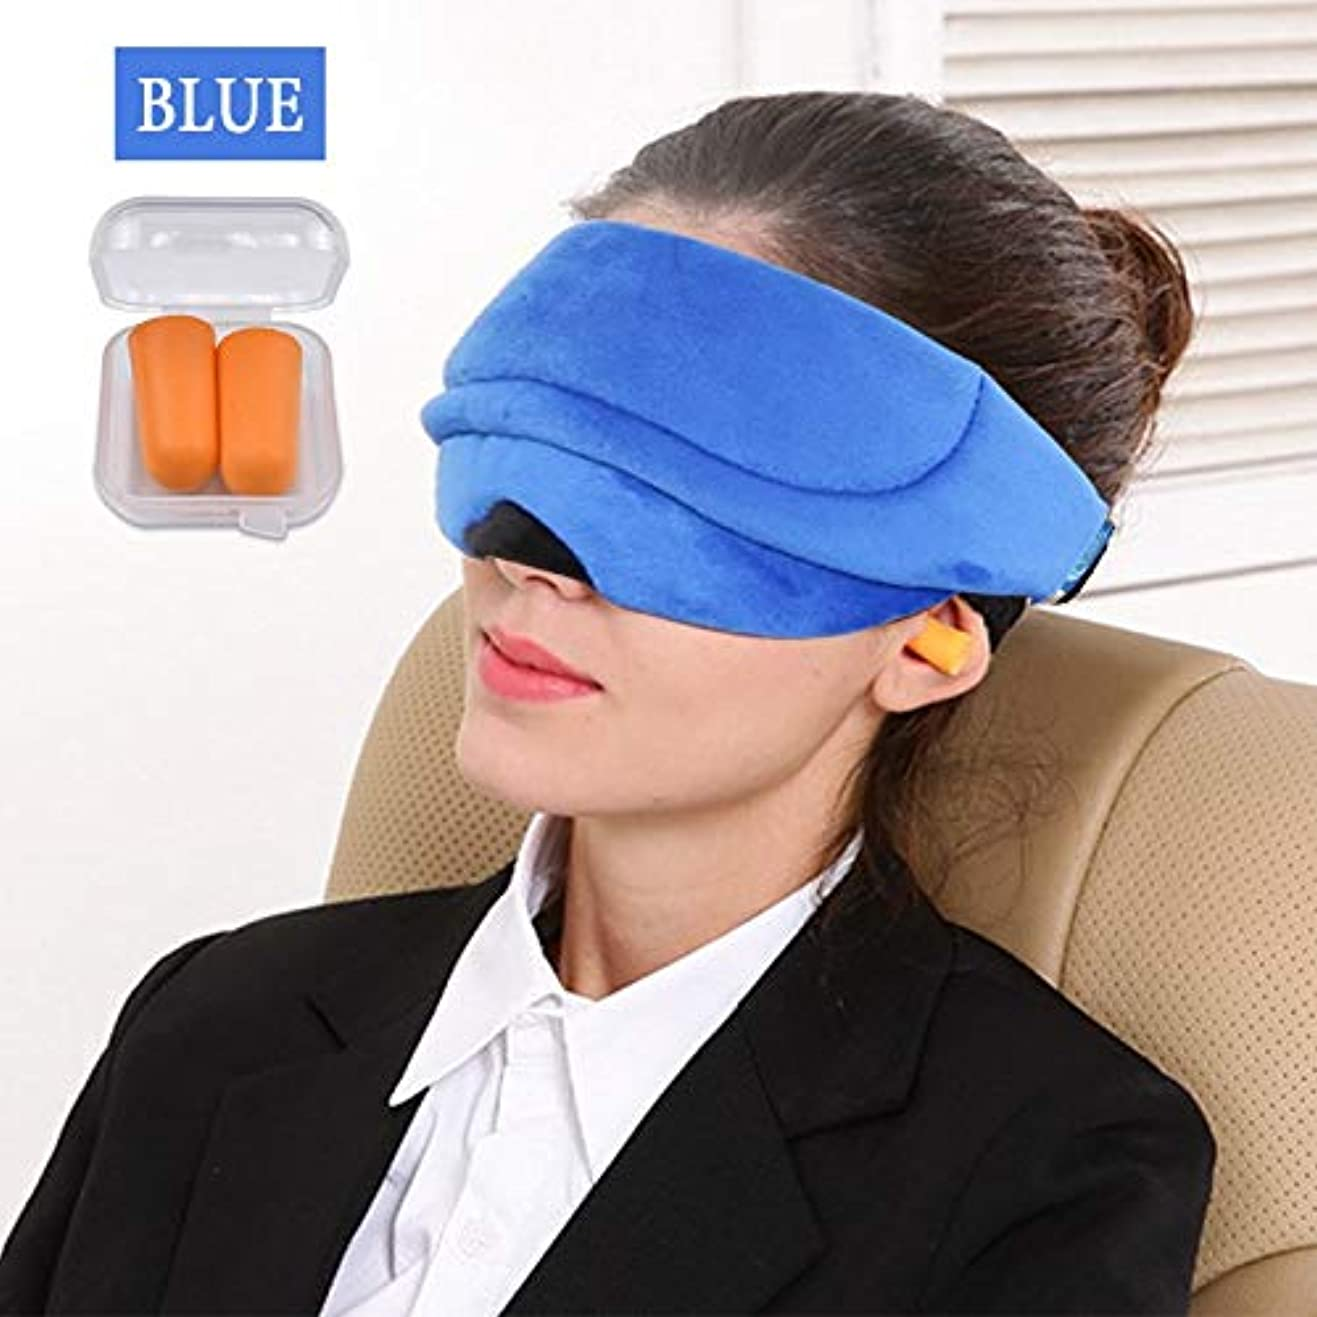 ジェーンオースティンセールスマンアレイNOTE 3dナイトスリープアイマスク超ソフトアイシェード旅行睡眠休息補助カバーアイパッチ包帯用睡眠シェードカバー目隠し